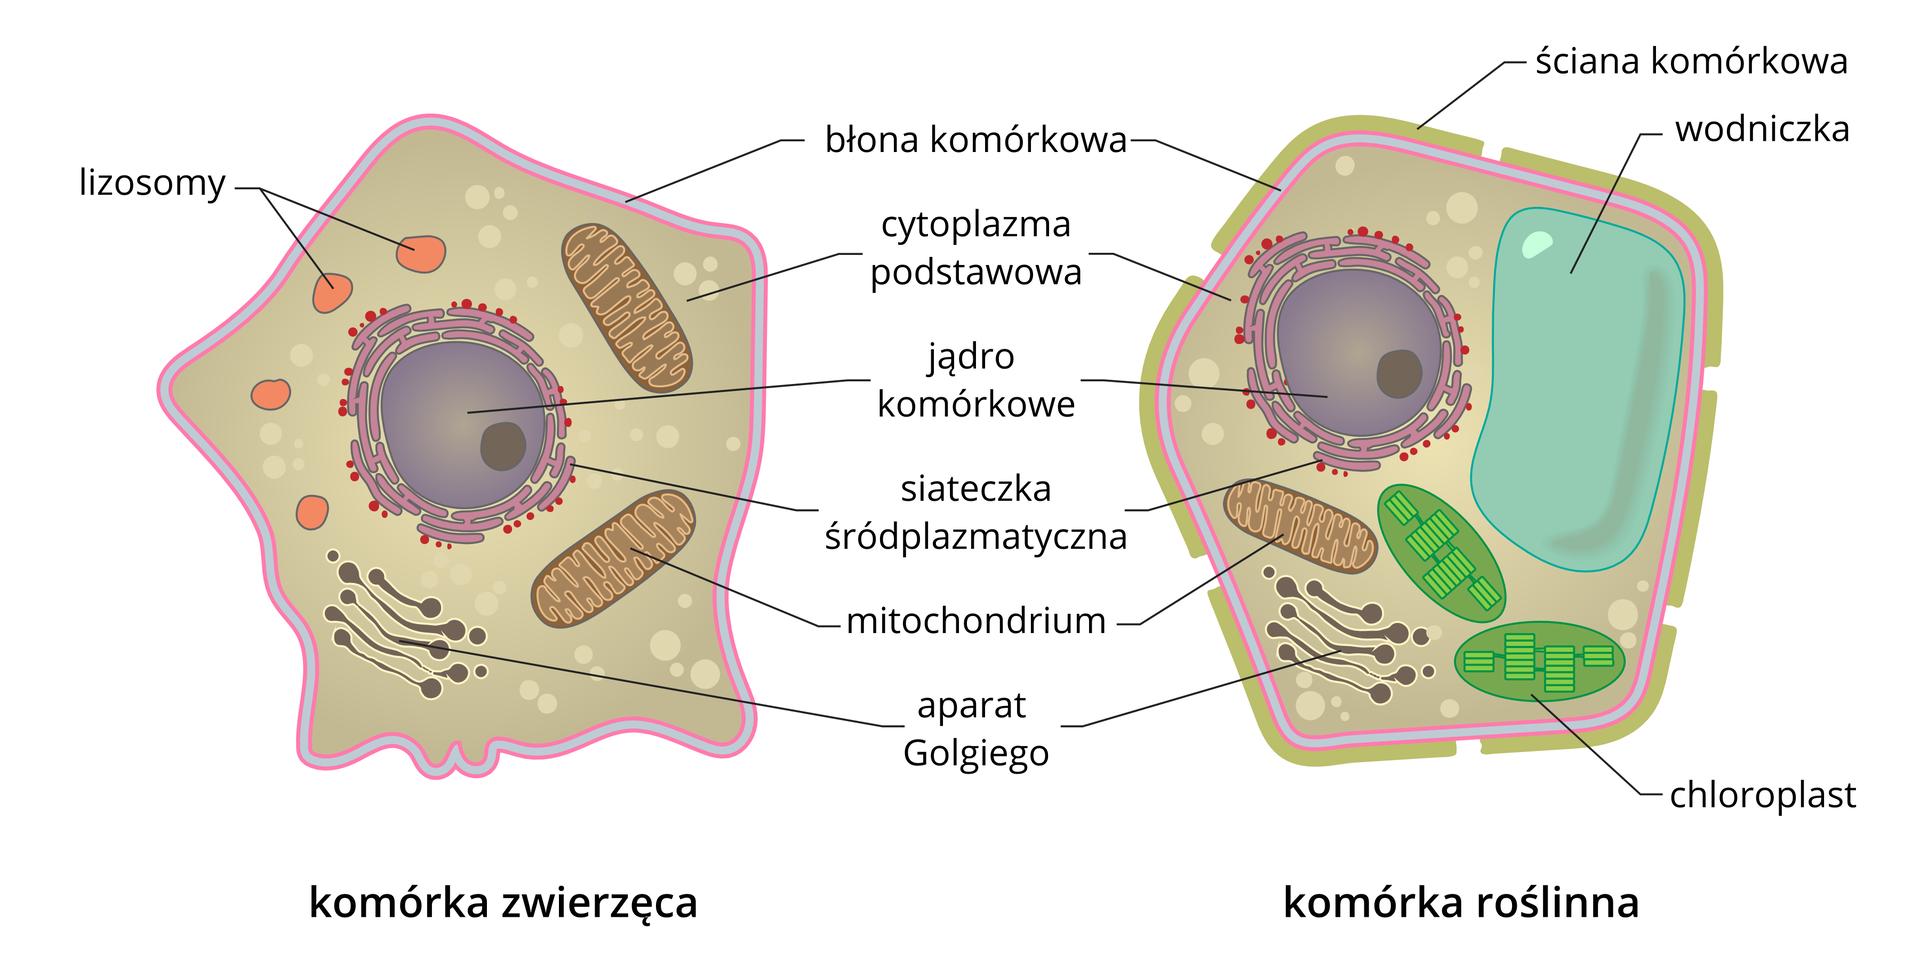 Ilustracja przedstawia porównanie budowy komórki roślinnej izwierzącej. Wkomórkach są wrysowane ipodpisane organella komórkowe.